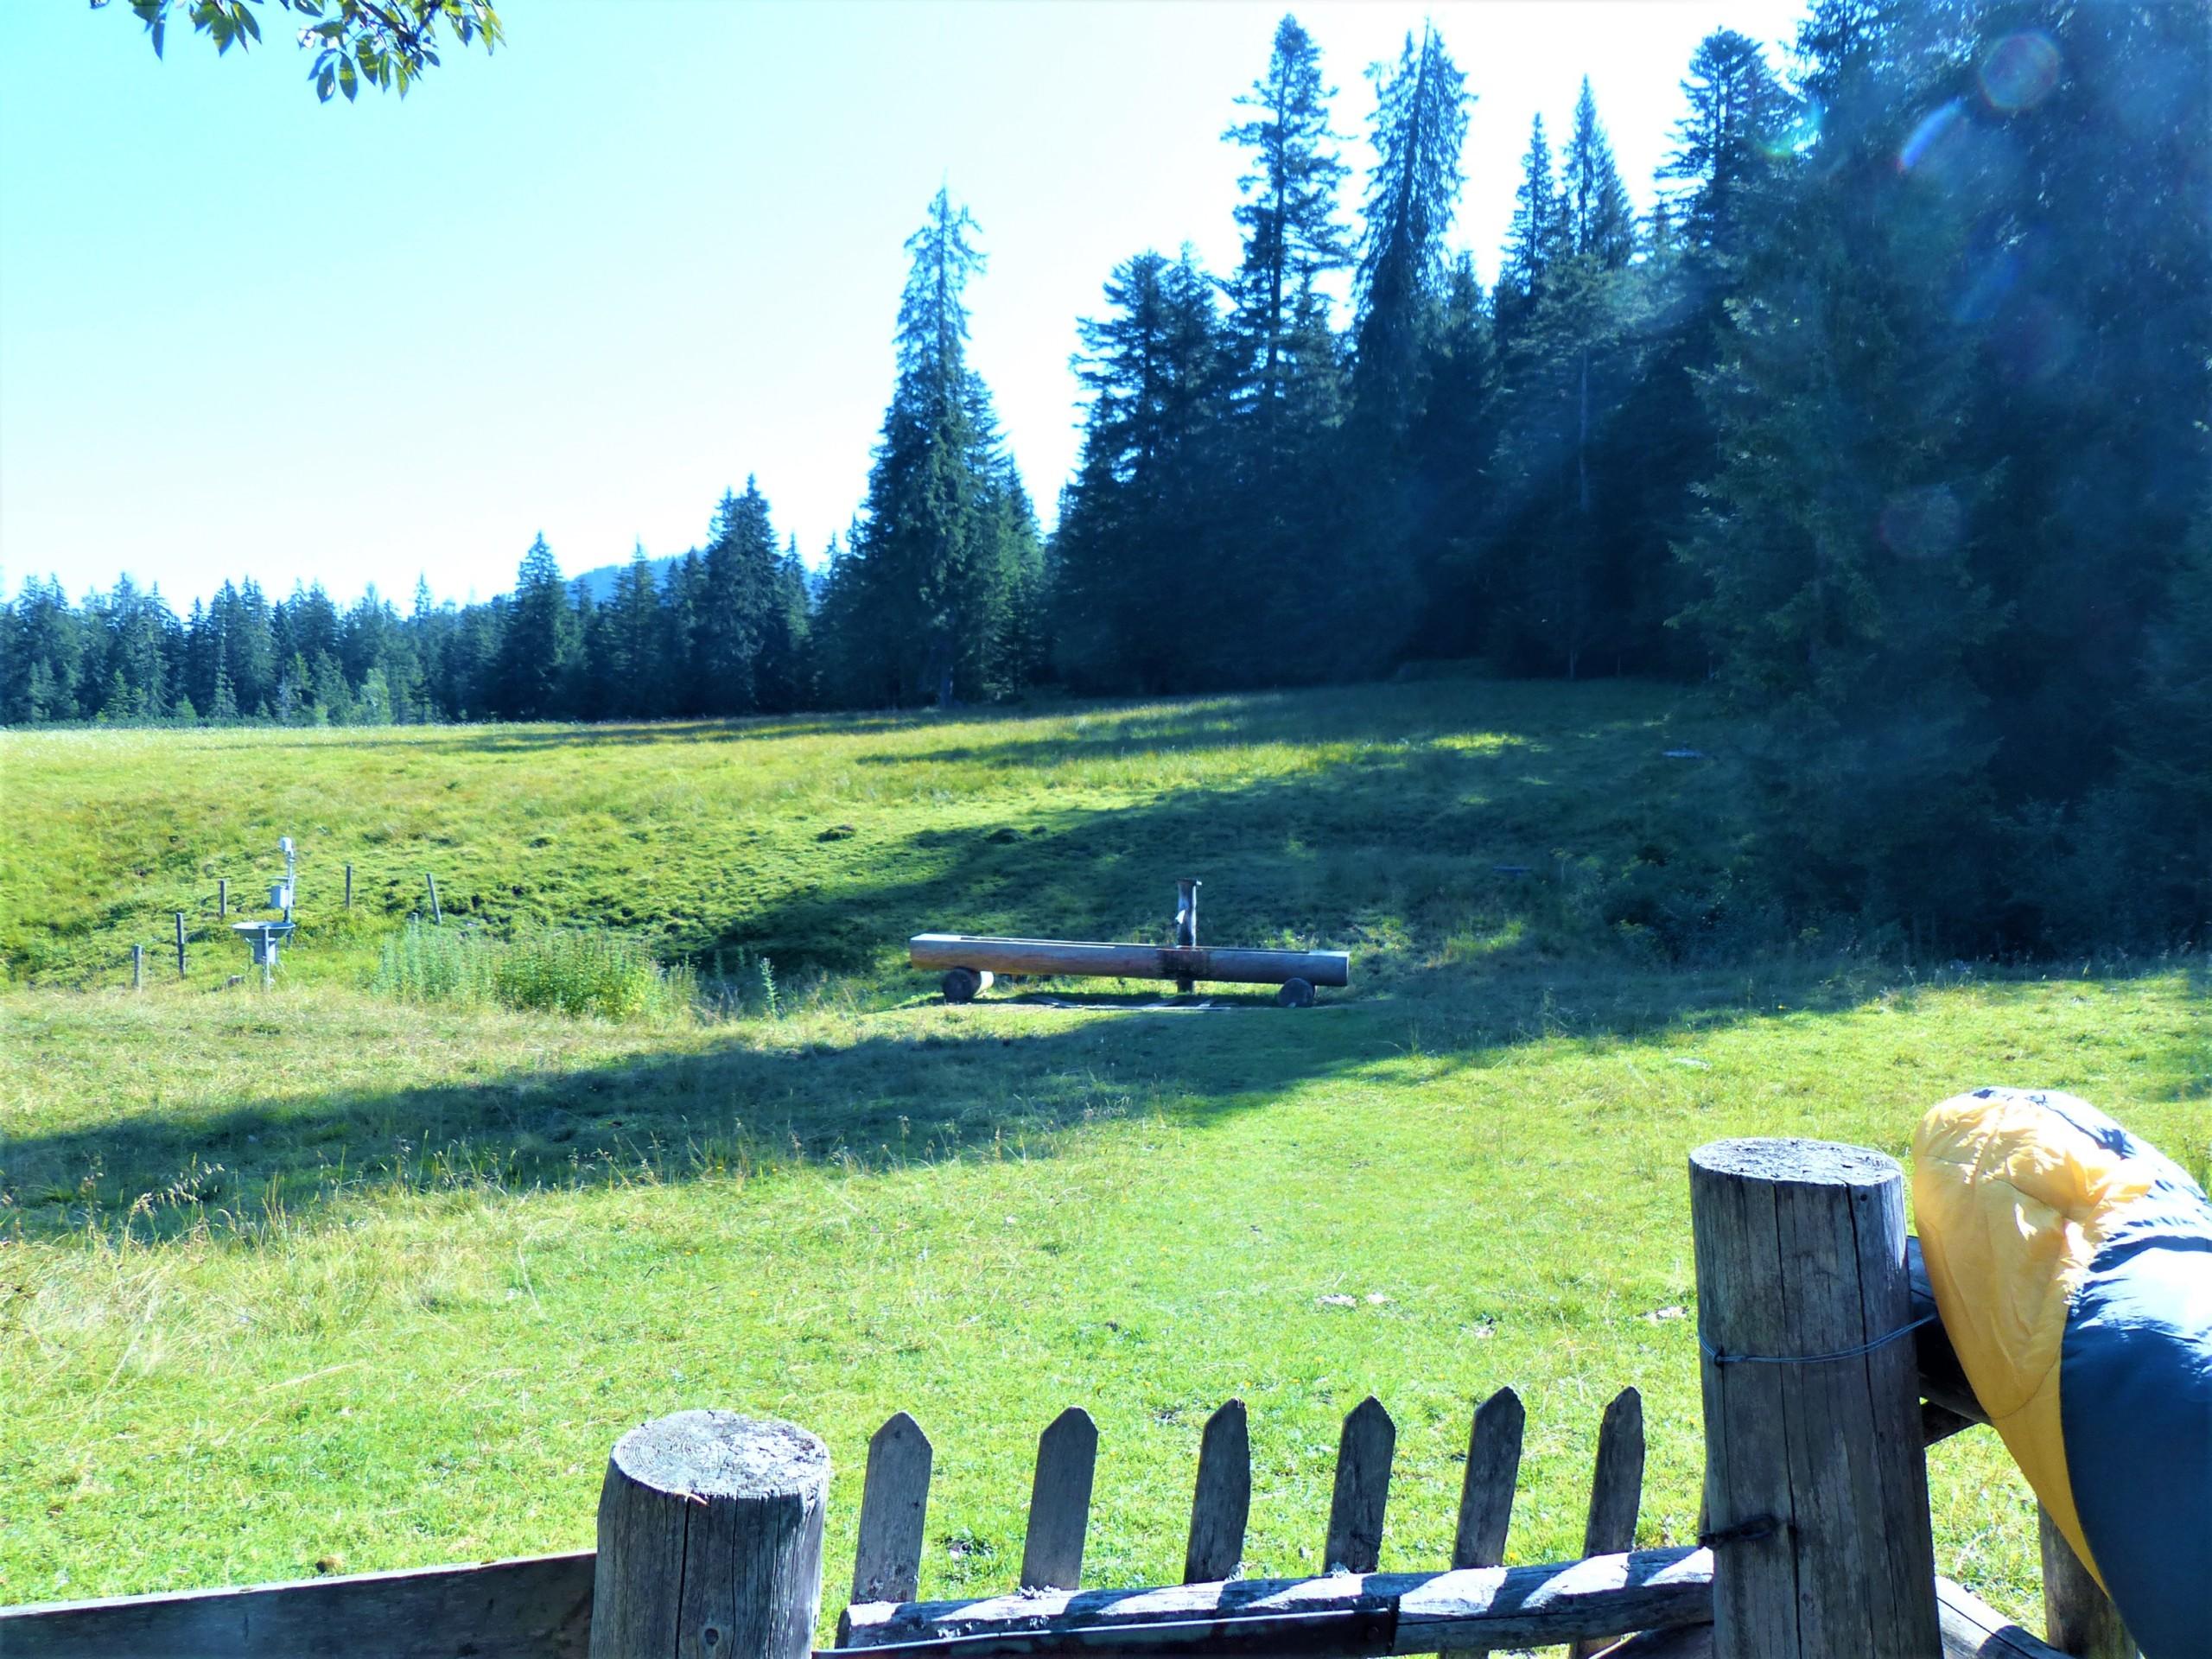 Holztränke auf einer Wiese mit Wald im Hintergrund